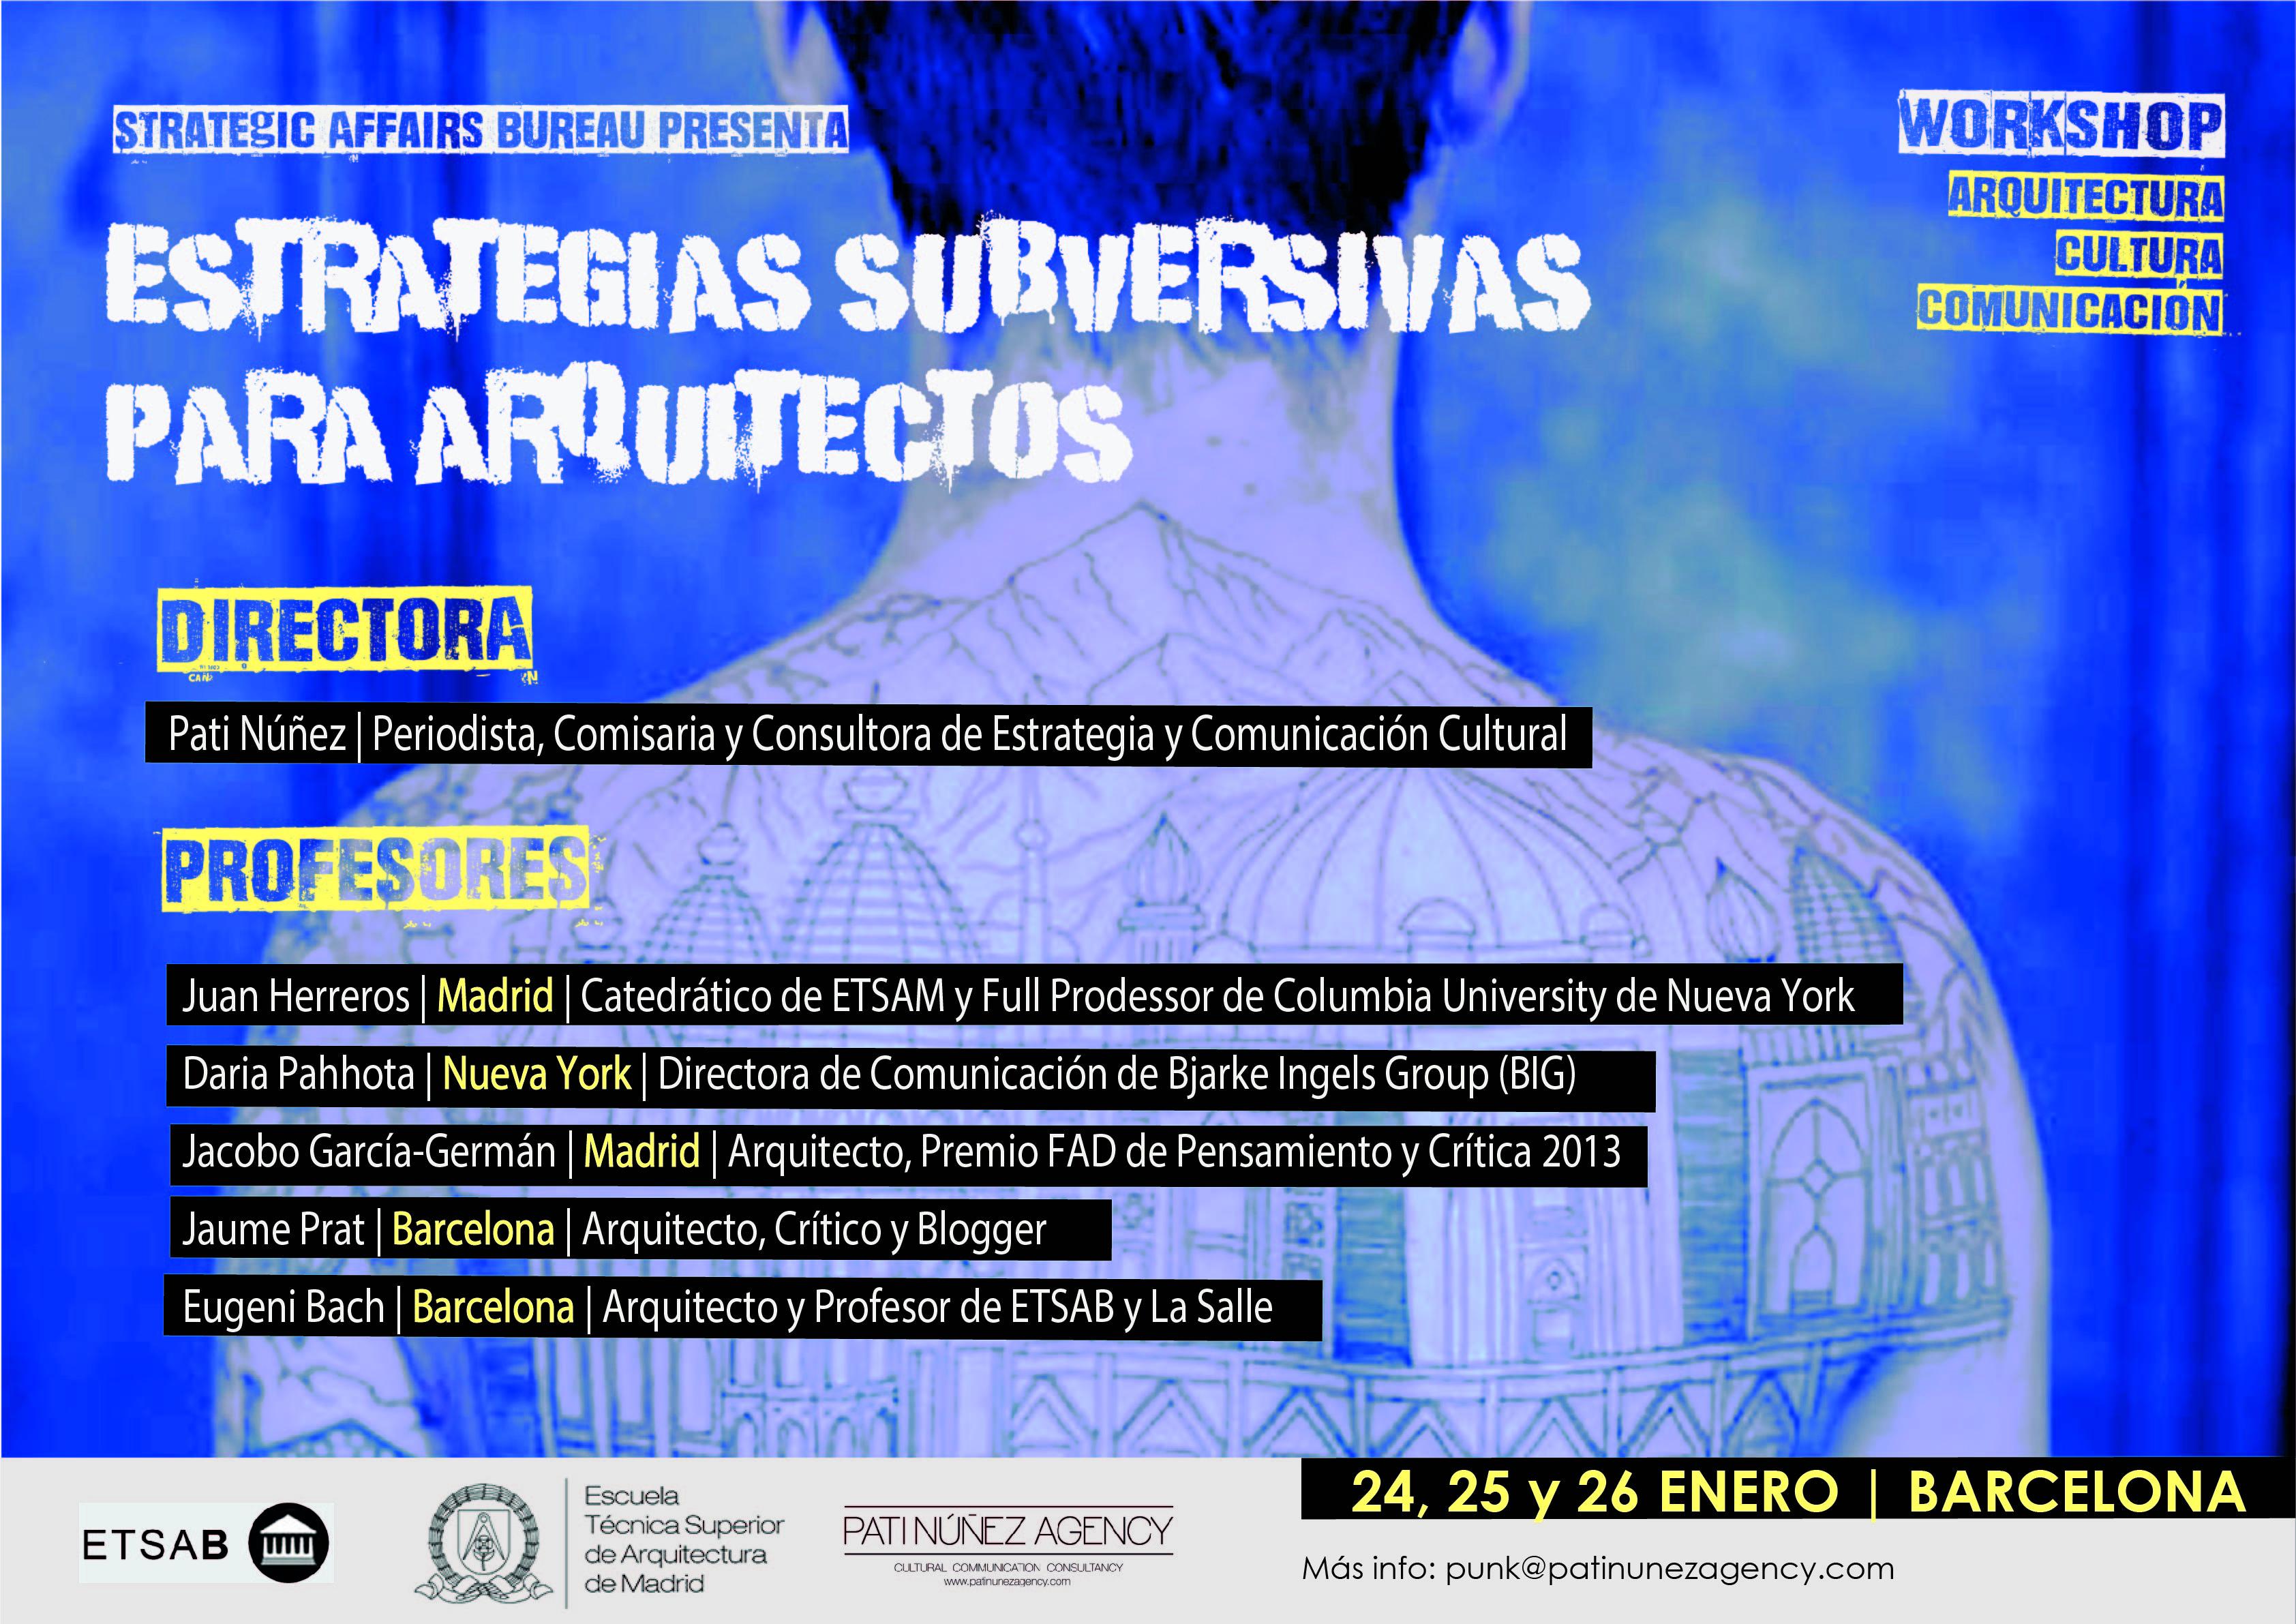 18_estrategias_poster